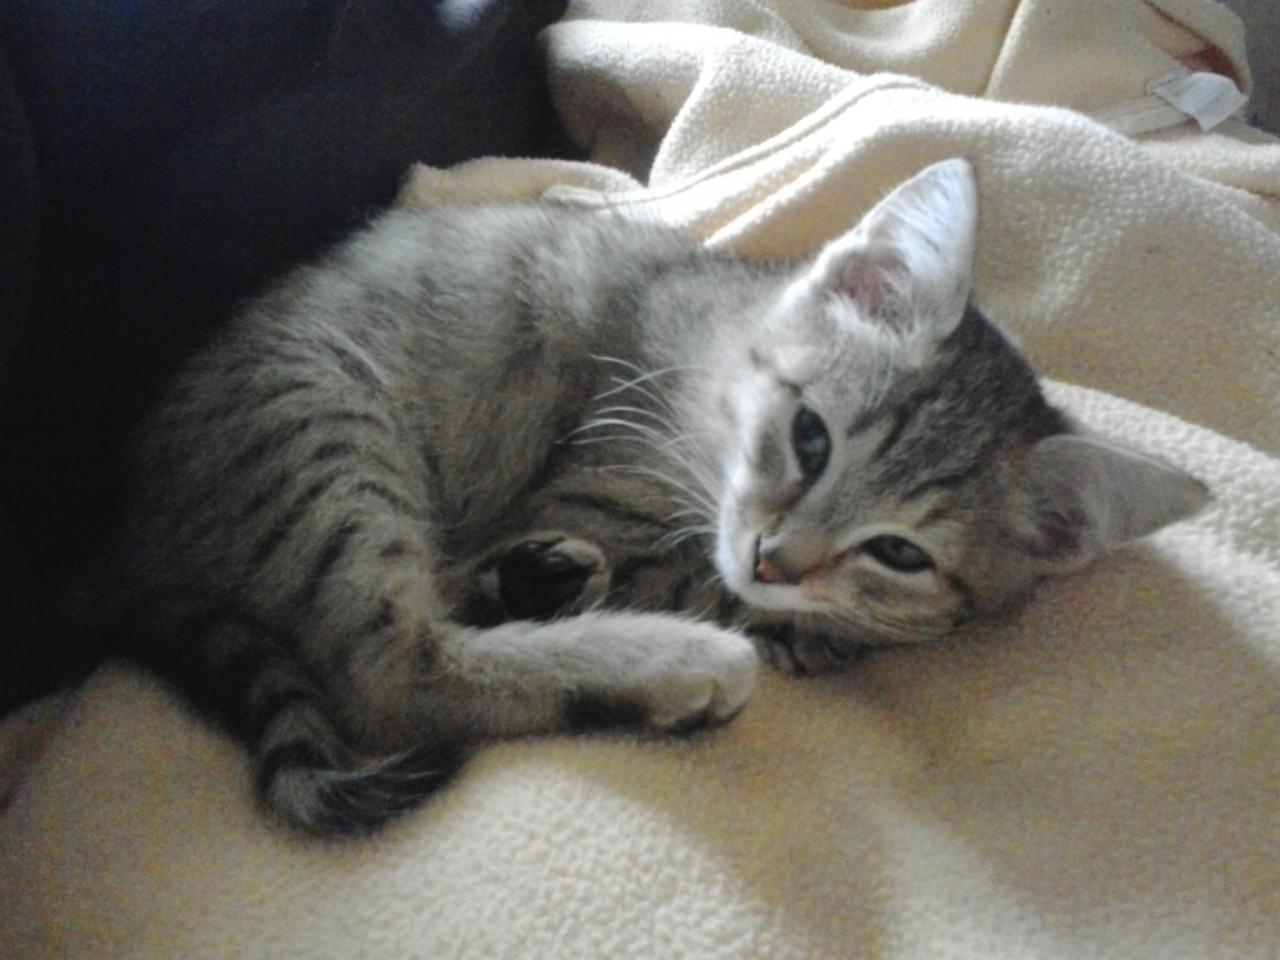 JYO - M - Né le 15/09/2014 - Adopté en décembre 2014